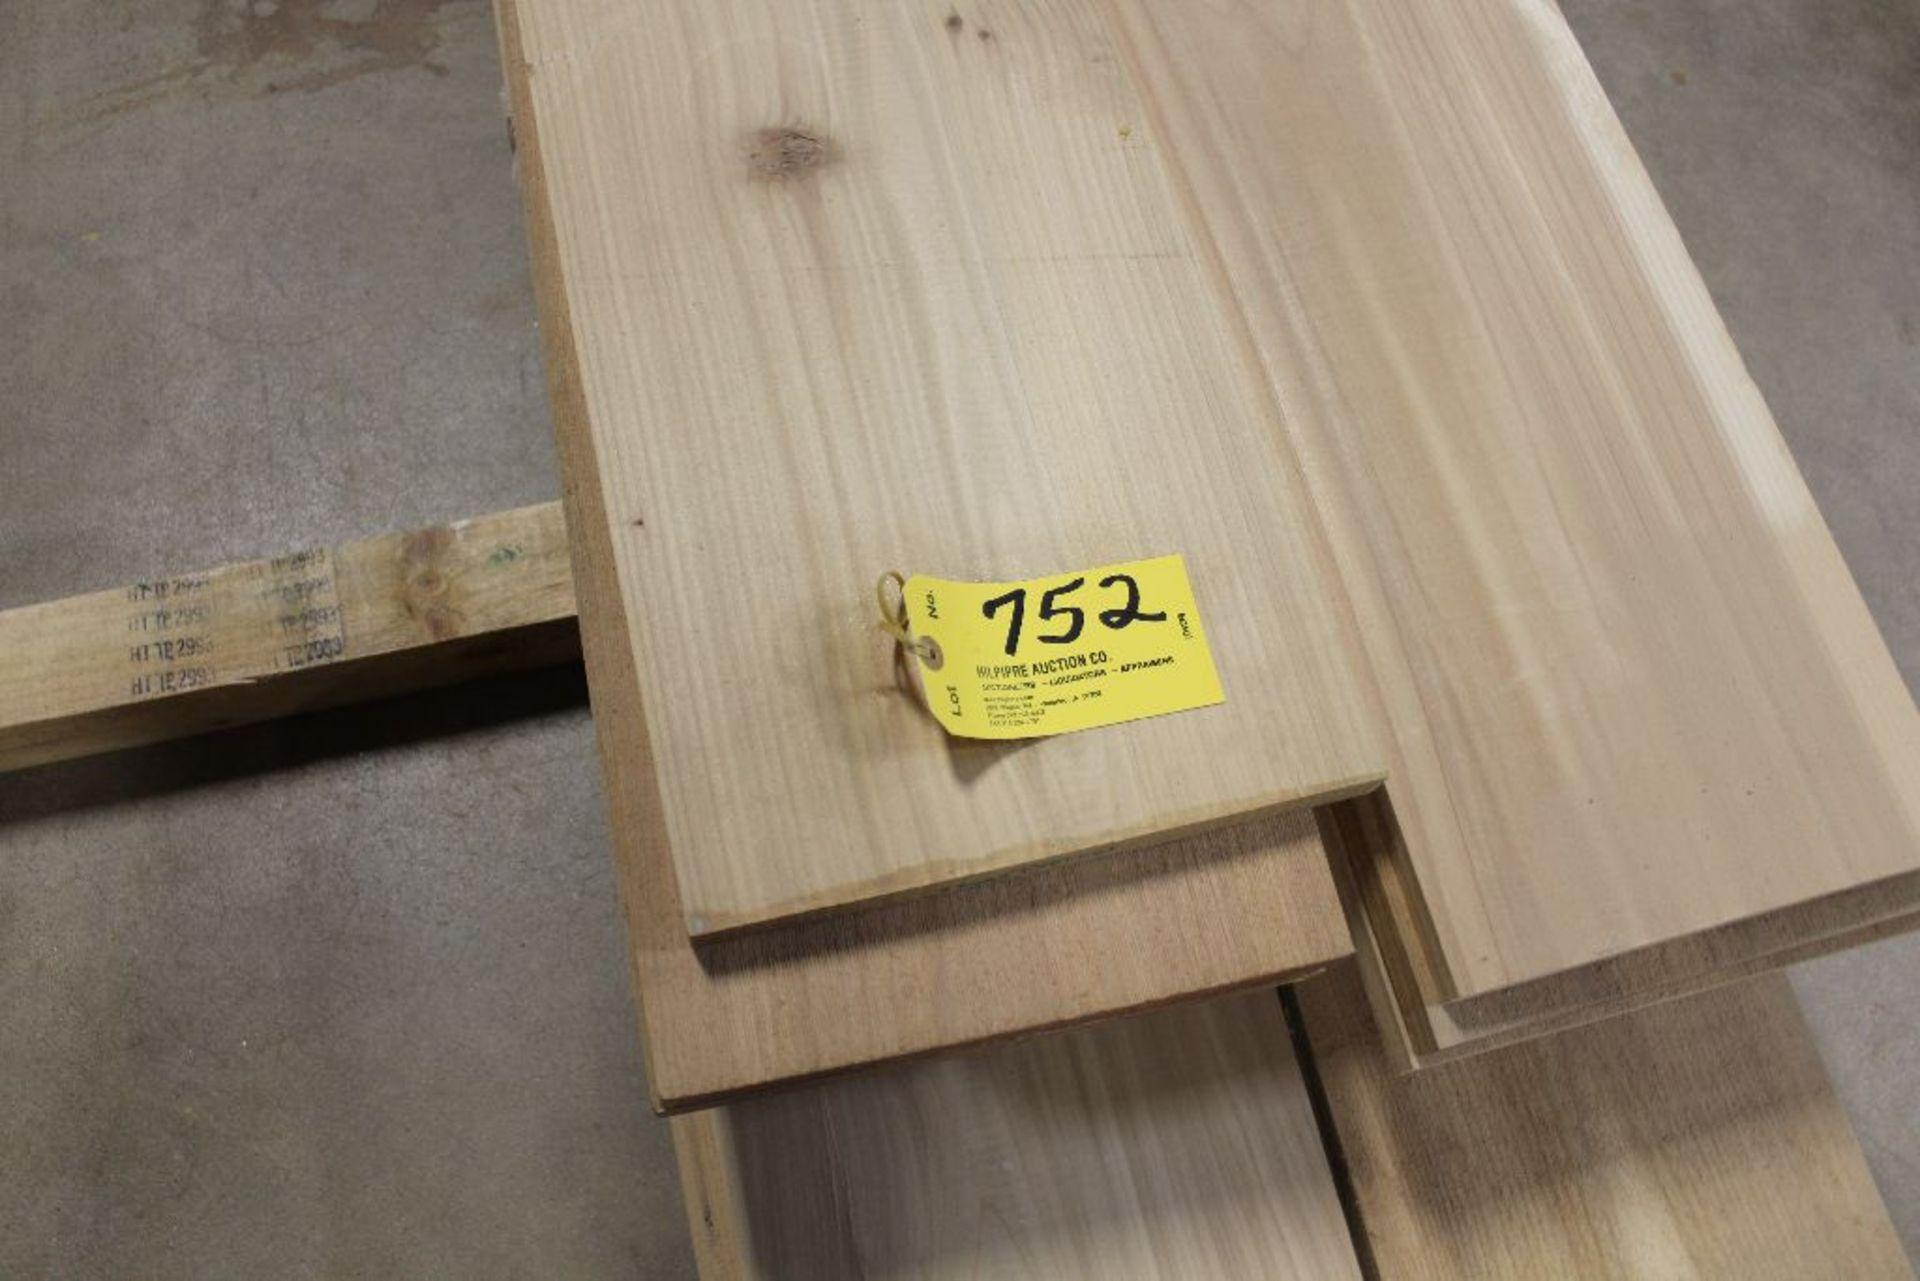 """Lot 752 - Lumber, 3/4"""" x 12"""" x 15', rough, cedar, pine."""